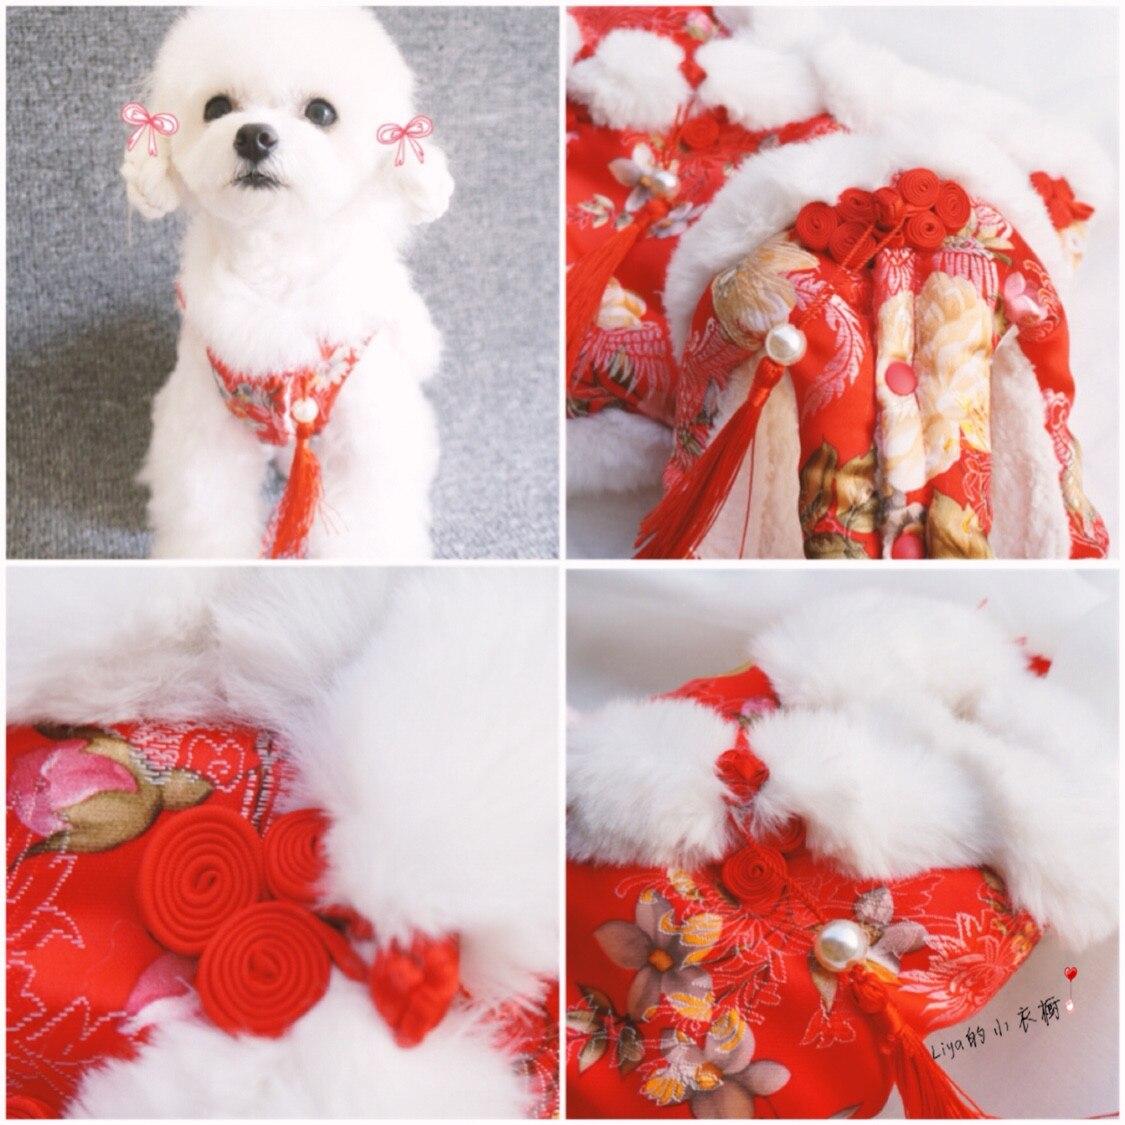 Chinese New Year Chinese new year [] Dog Costume New Pet Dog Costume Teddy ~ rabbit costume bear clothes